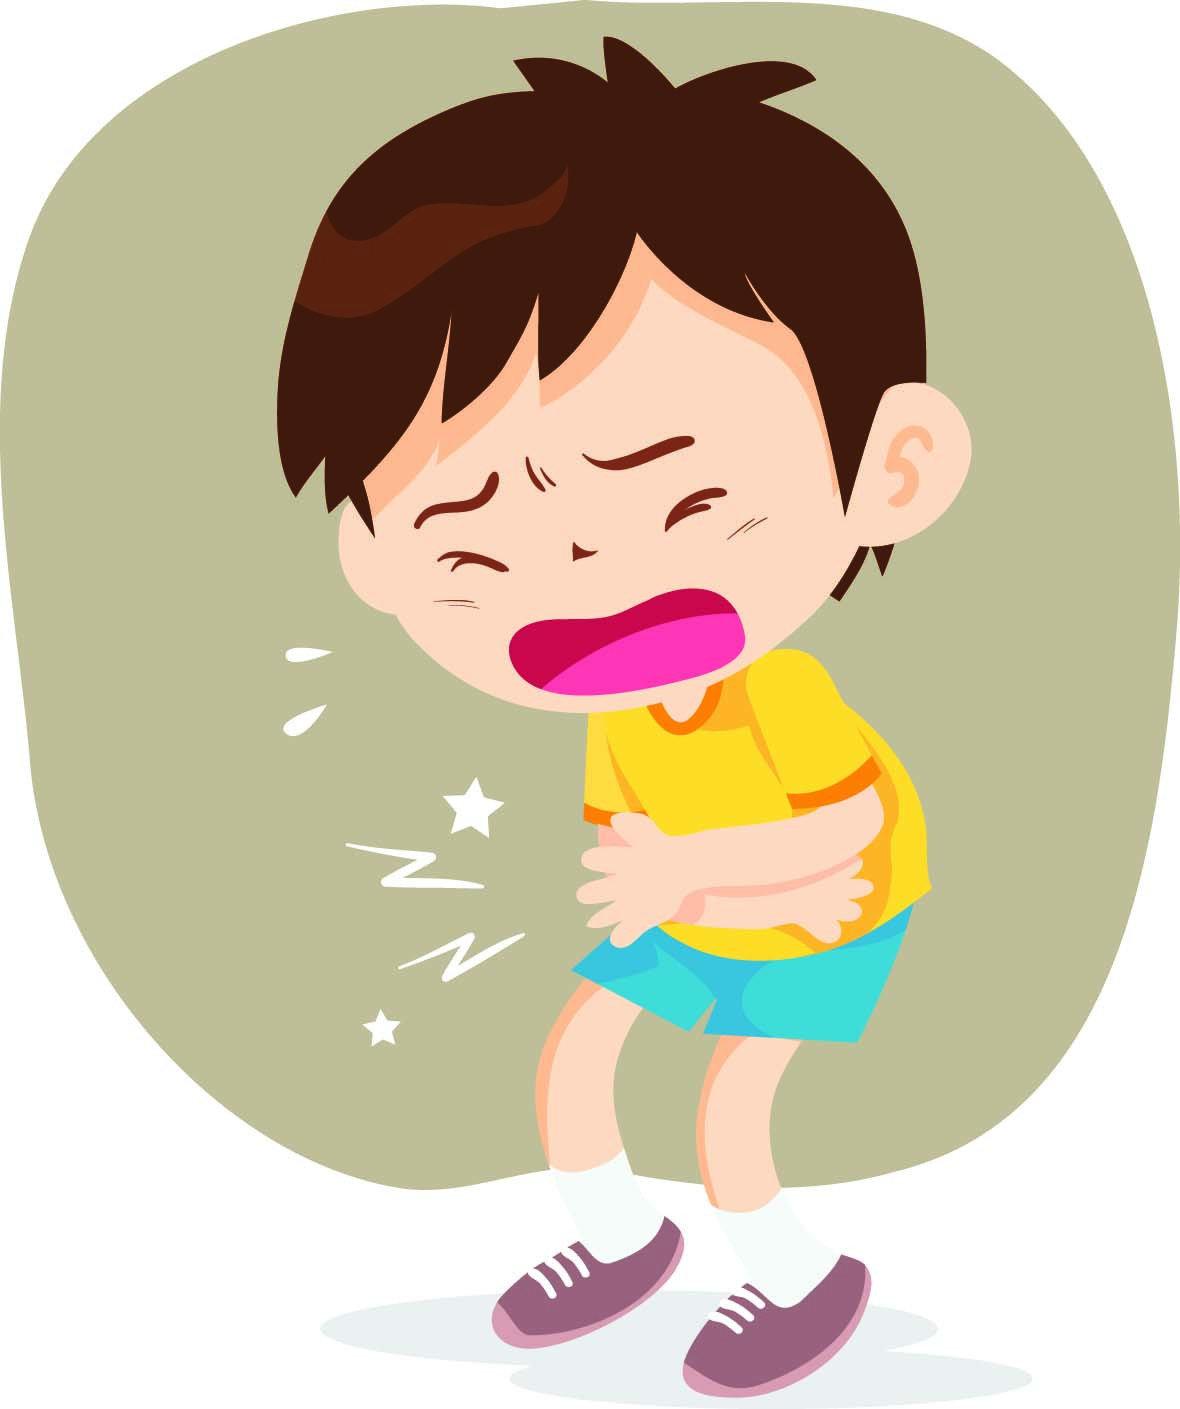 意外地吃蛆通常不會引起關注,但有時會導致健康併發症,如細菌中毒。 蛆是普通蒼蠅的幼蟲細菌性腸胃炎發生於細菌引起胃或腸的感染。